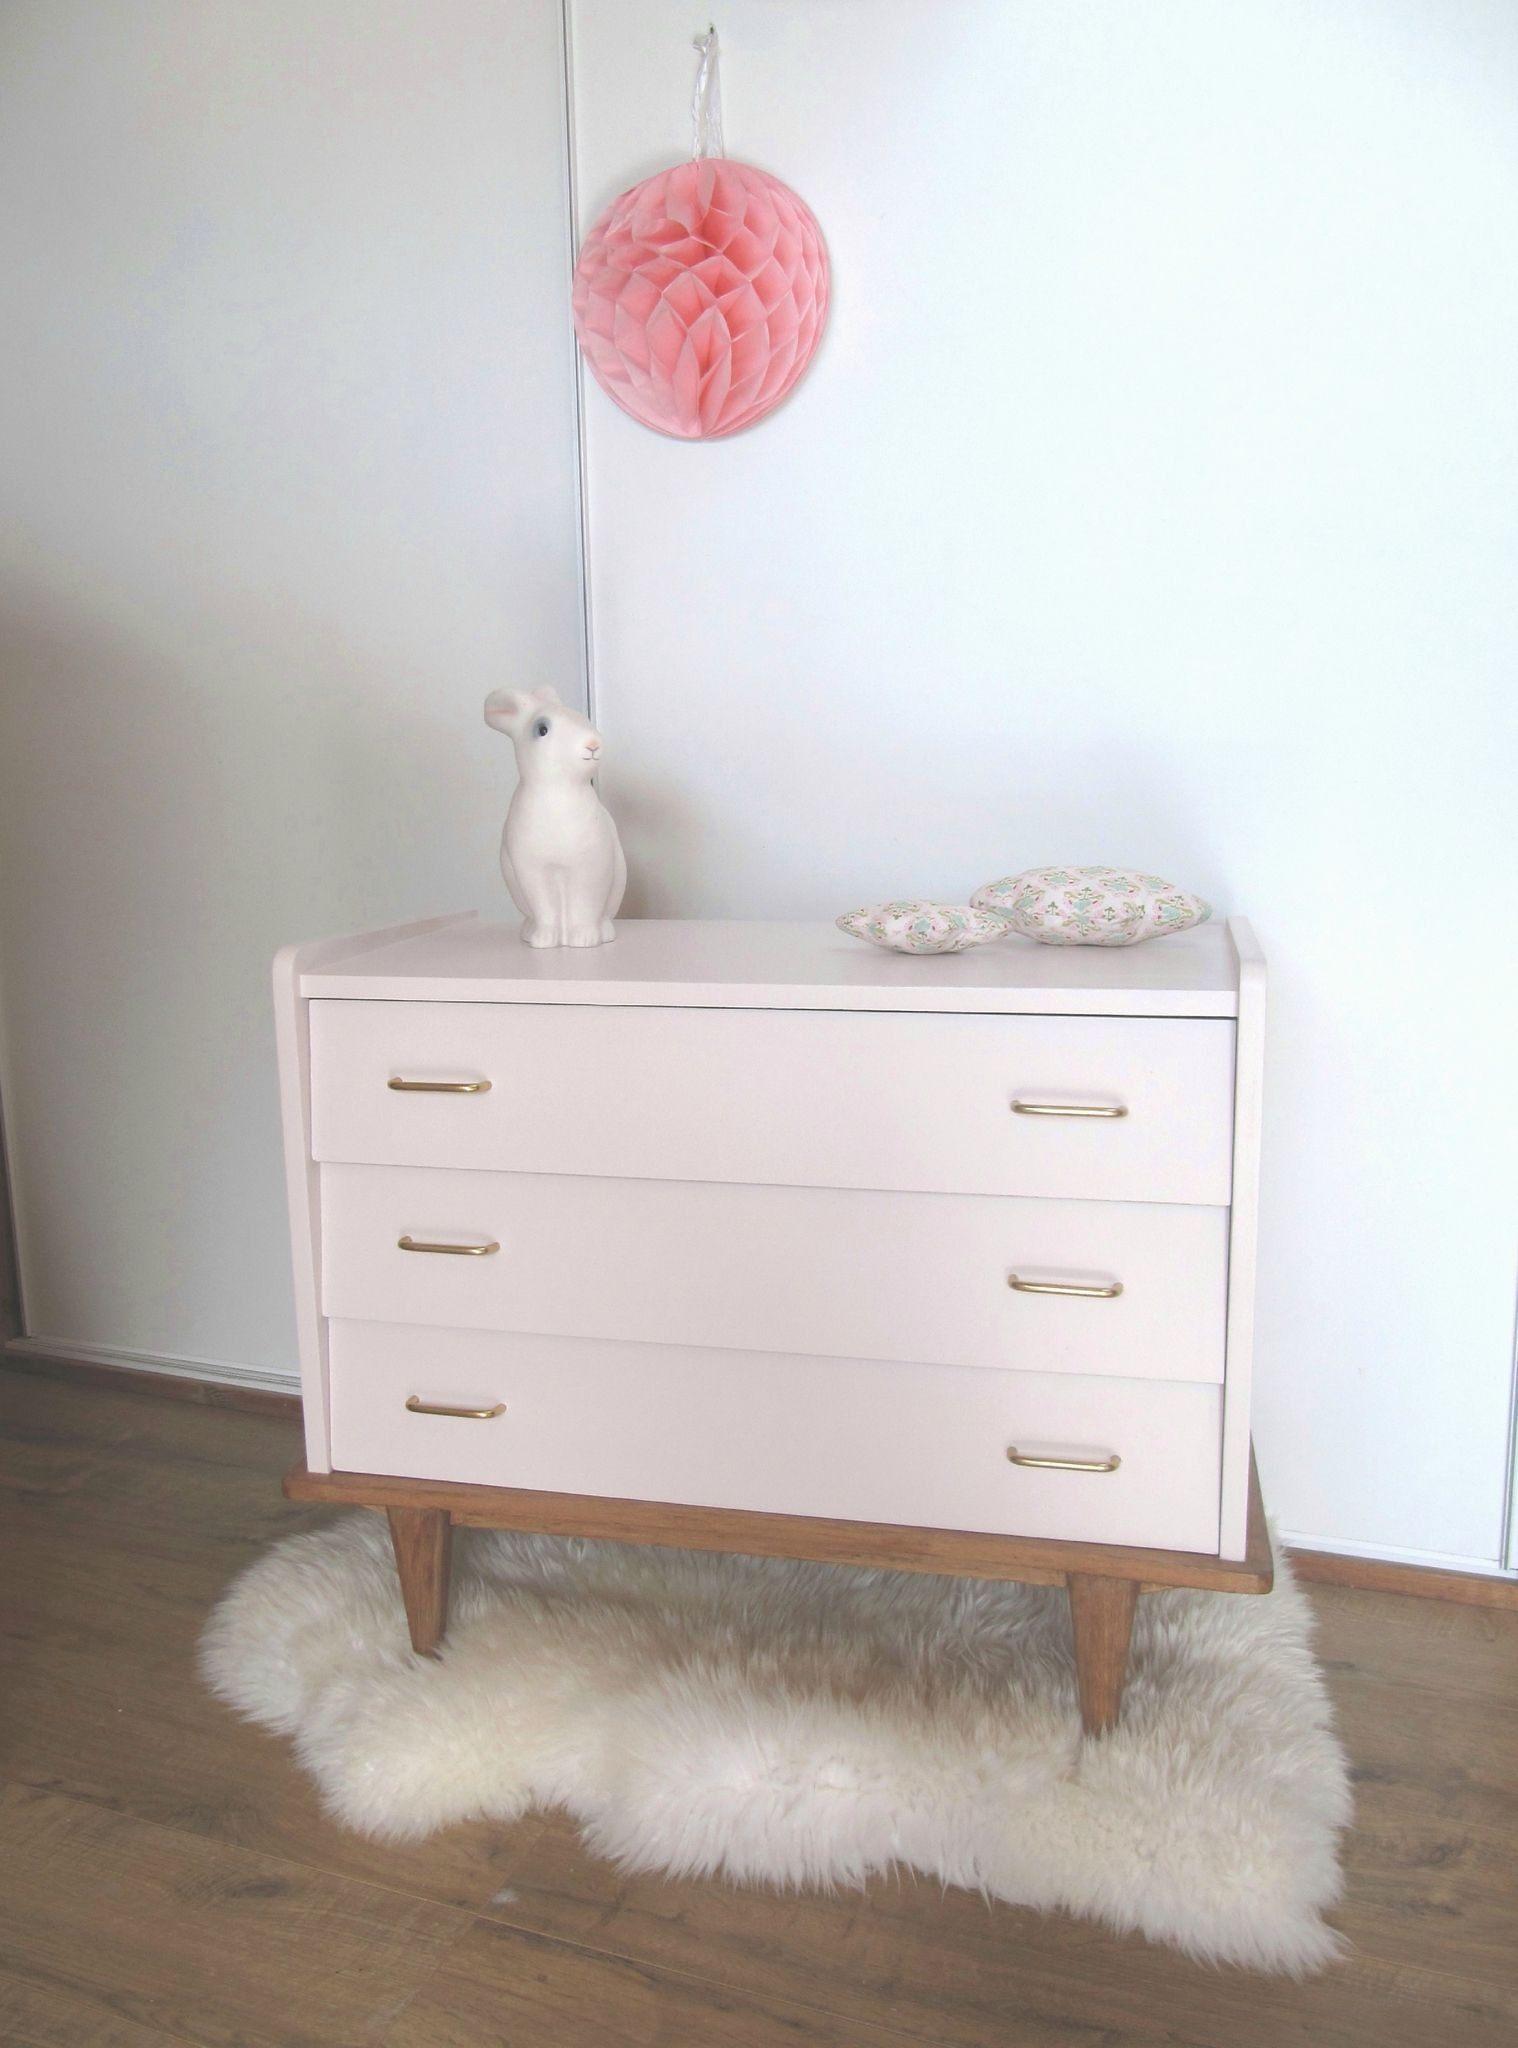 Lit Bébé Hensvik De Luxe Baignoire Pliante Bébé Beautiful Lit Bebe Luxe 36 Ikea Best De Avec